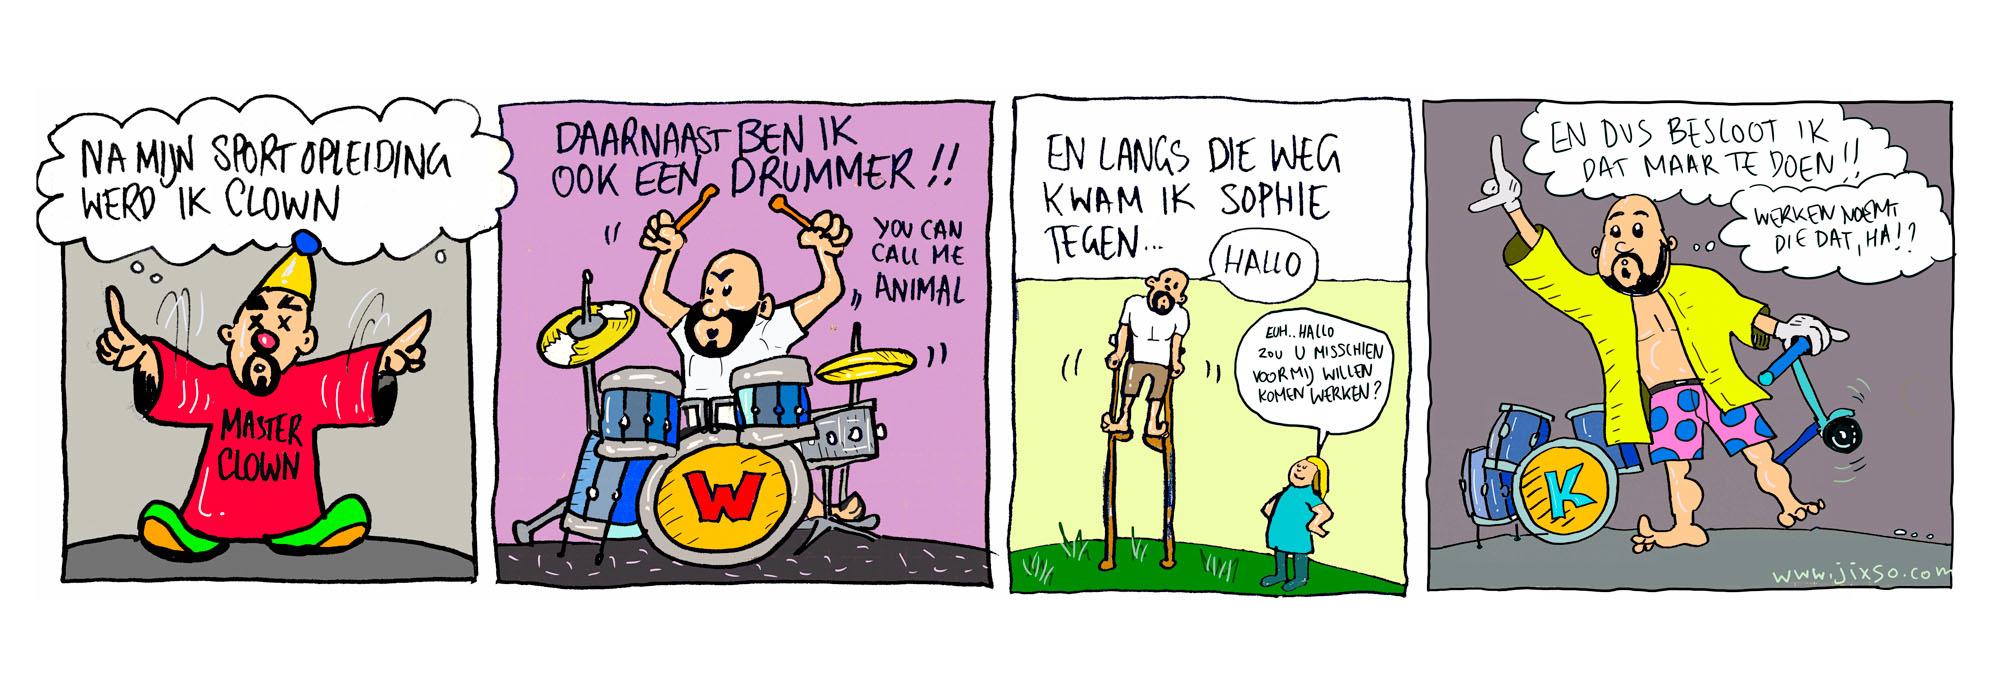 Striptekening Willem van KonseptS